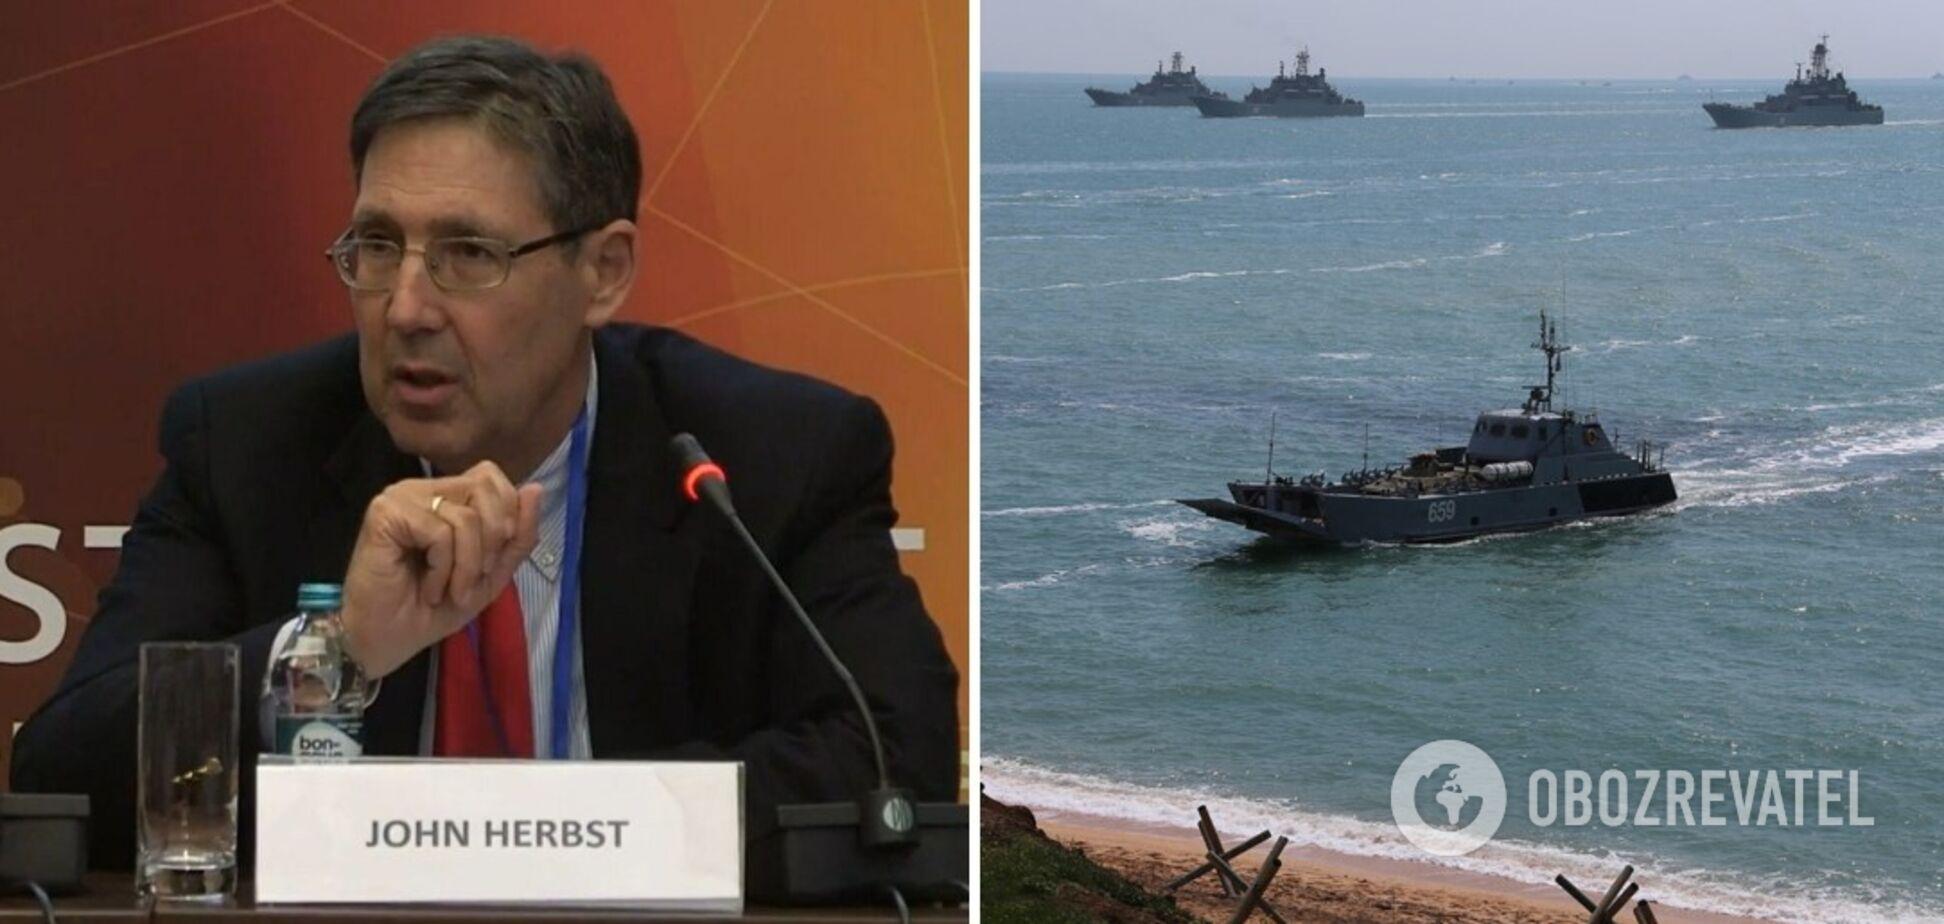 Джон Хербст заявил, что видит в действиях России реальную военную угрозу для Украины